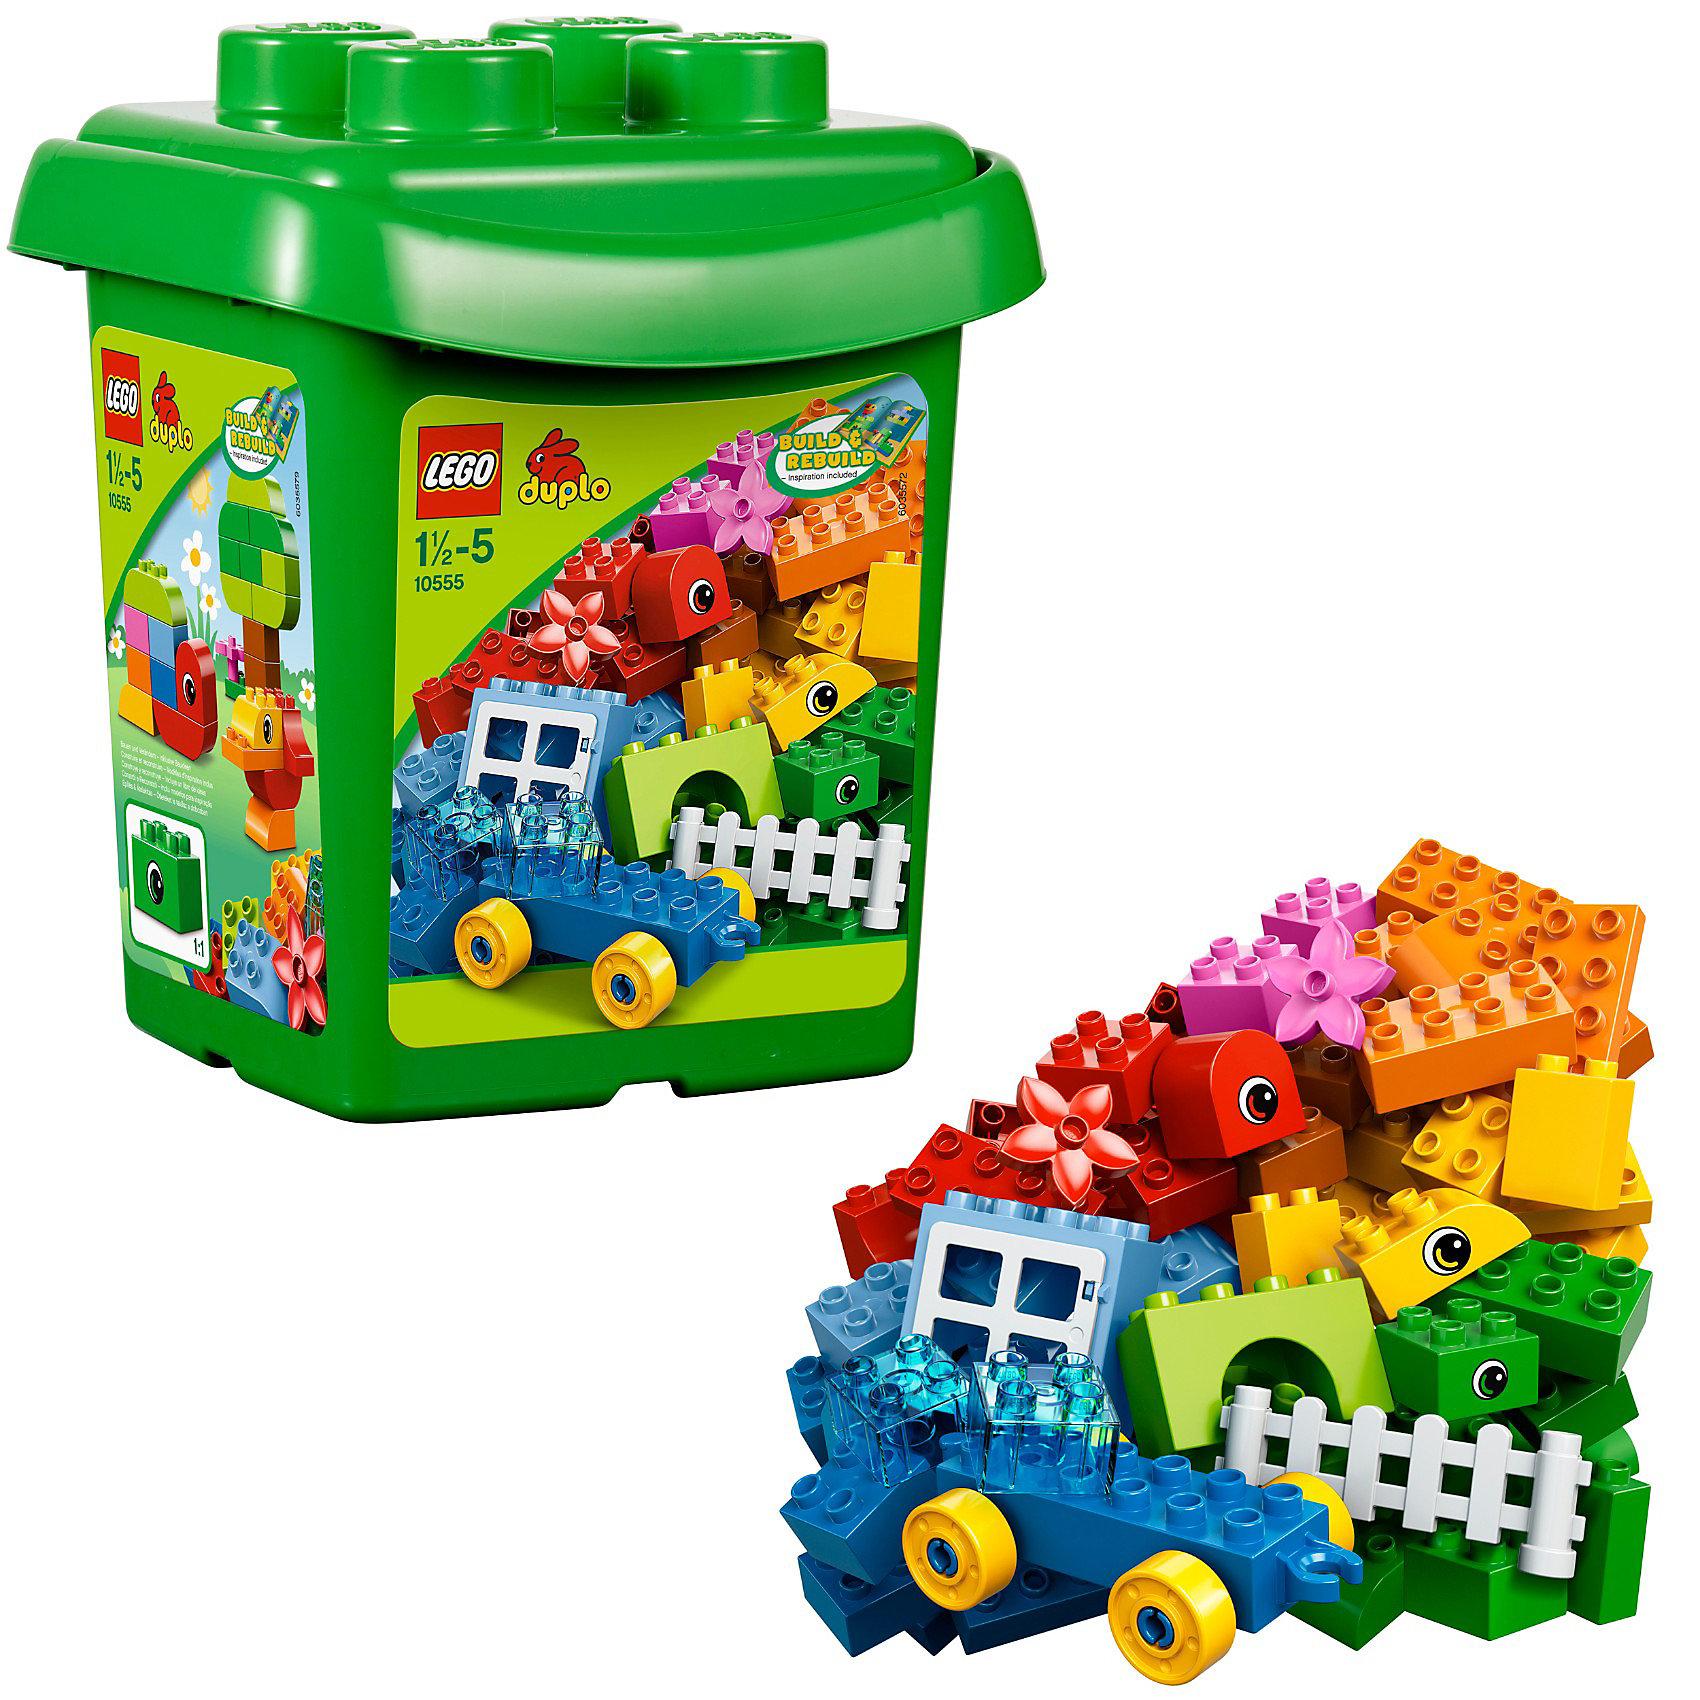 LEGO DUPLO 10555: Набор для творчестваБесконечные возможности для конструирования! Набор для творчества LEGO® DUPLO®– это прекрасный набор, который вдохновит вашего ребёнка сделать первые шаги в конструировании или дополнит любой набор LEGO® DUPLO®. Этот набор для начинающих, который содержит 65 элементов, в том числе базовый кузов, кубики с нарисованными глазками, окно, забор, цветы, а также буклет с идеями для строительства, поможет вашему малышу создать мир машин, животных и фигур. Используйте прочную коробку многоразового применения для хранения или во время поездки!<br><br>- Артикул LEGO: 10555<br>- Количество деталей: 65<br><br>Ширина мм: 221<br>Глубина мм: 210<br>Высота мм: 264<br>Вес г: 892<br>Возраст от месяцев: 18<br>Возраст до месяцев: 60<br>Пол: Унисекс<br>Возраст: Детский<br>SKU: 3145530